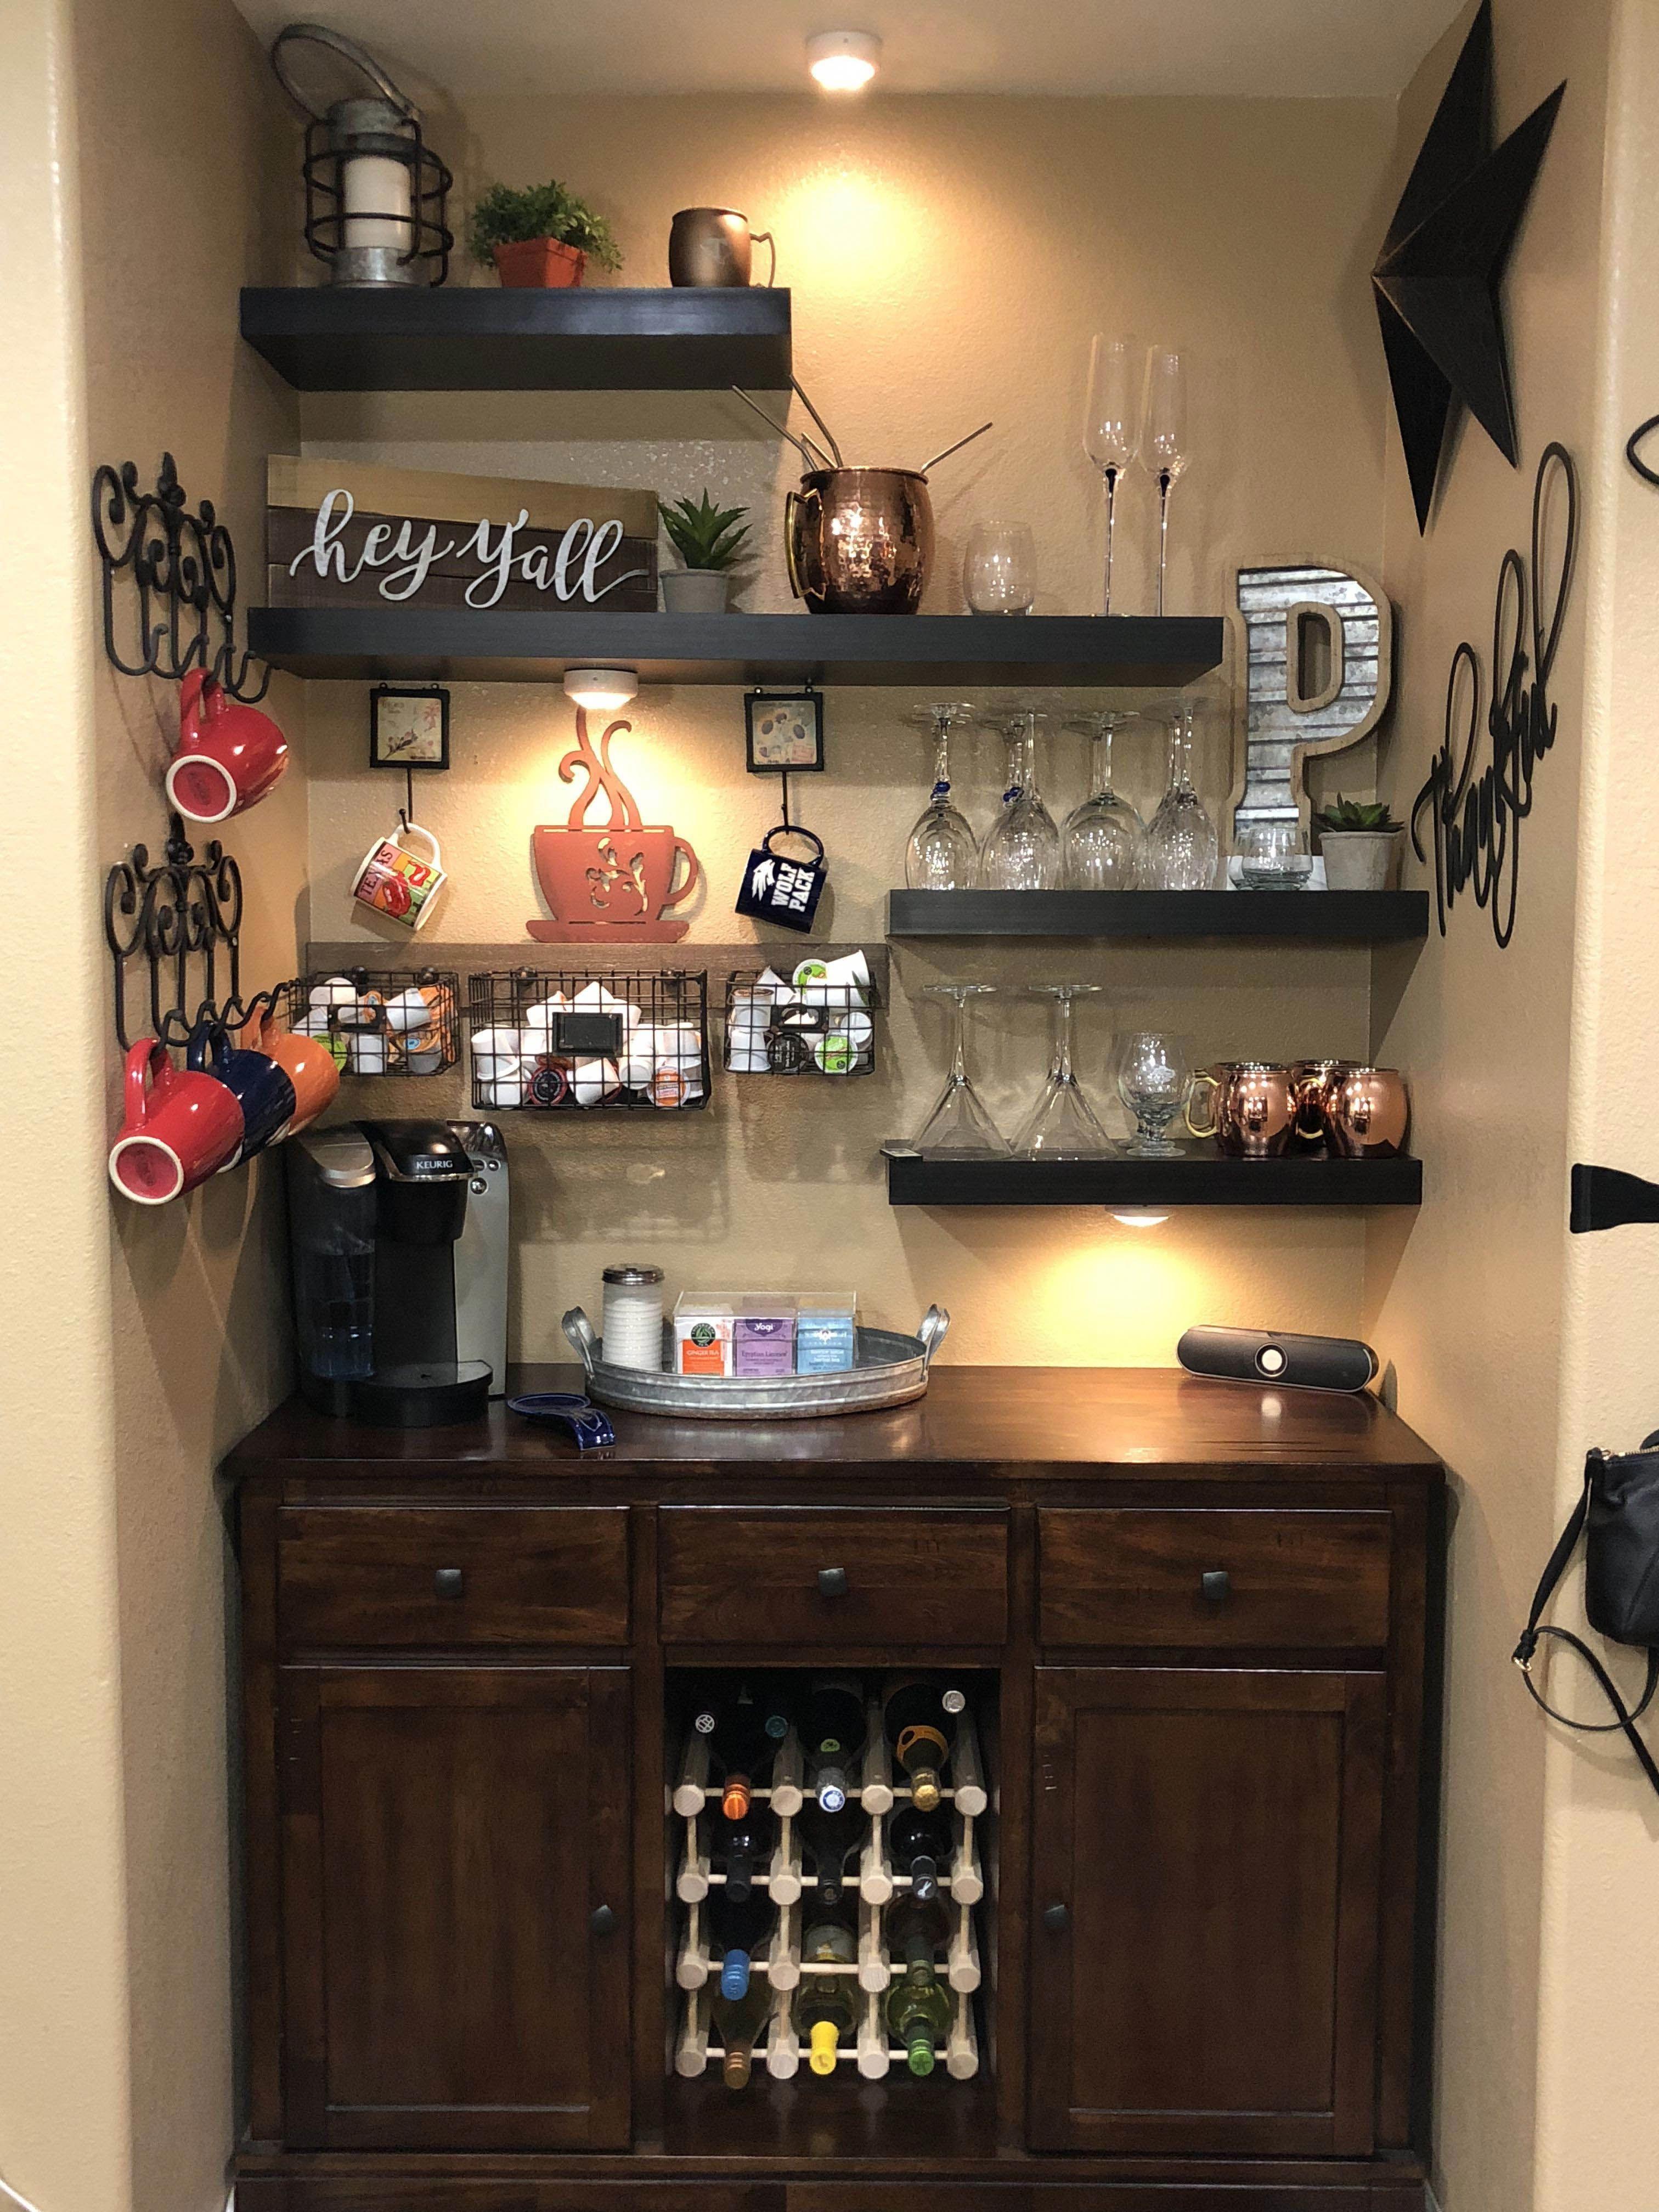 Diffe Coffee Bar Storage Ideas That